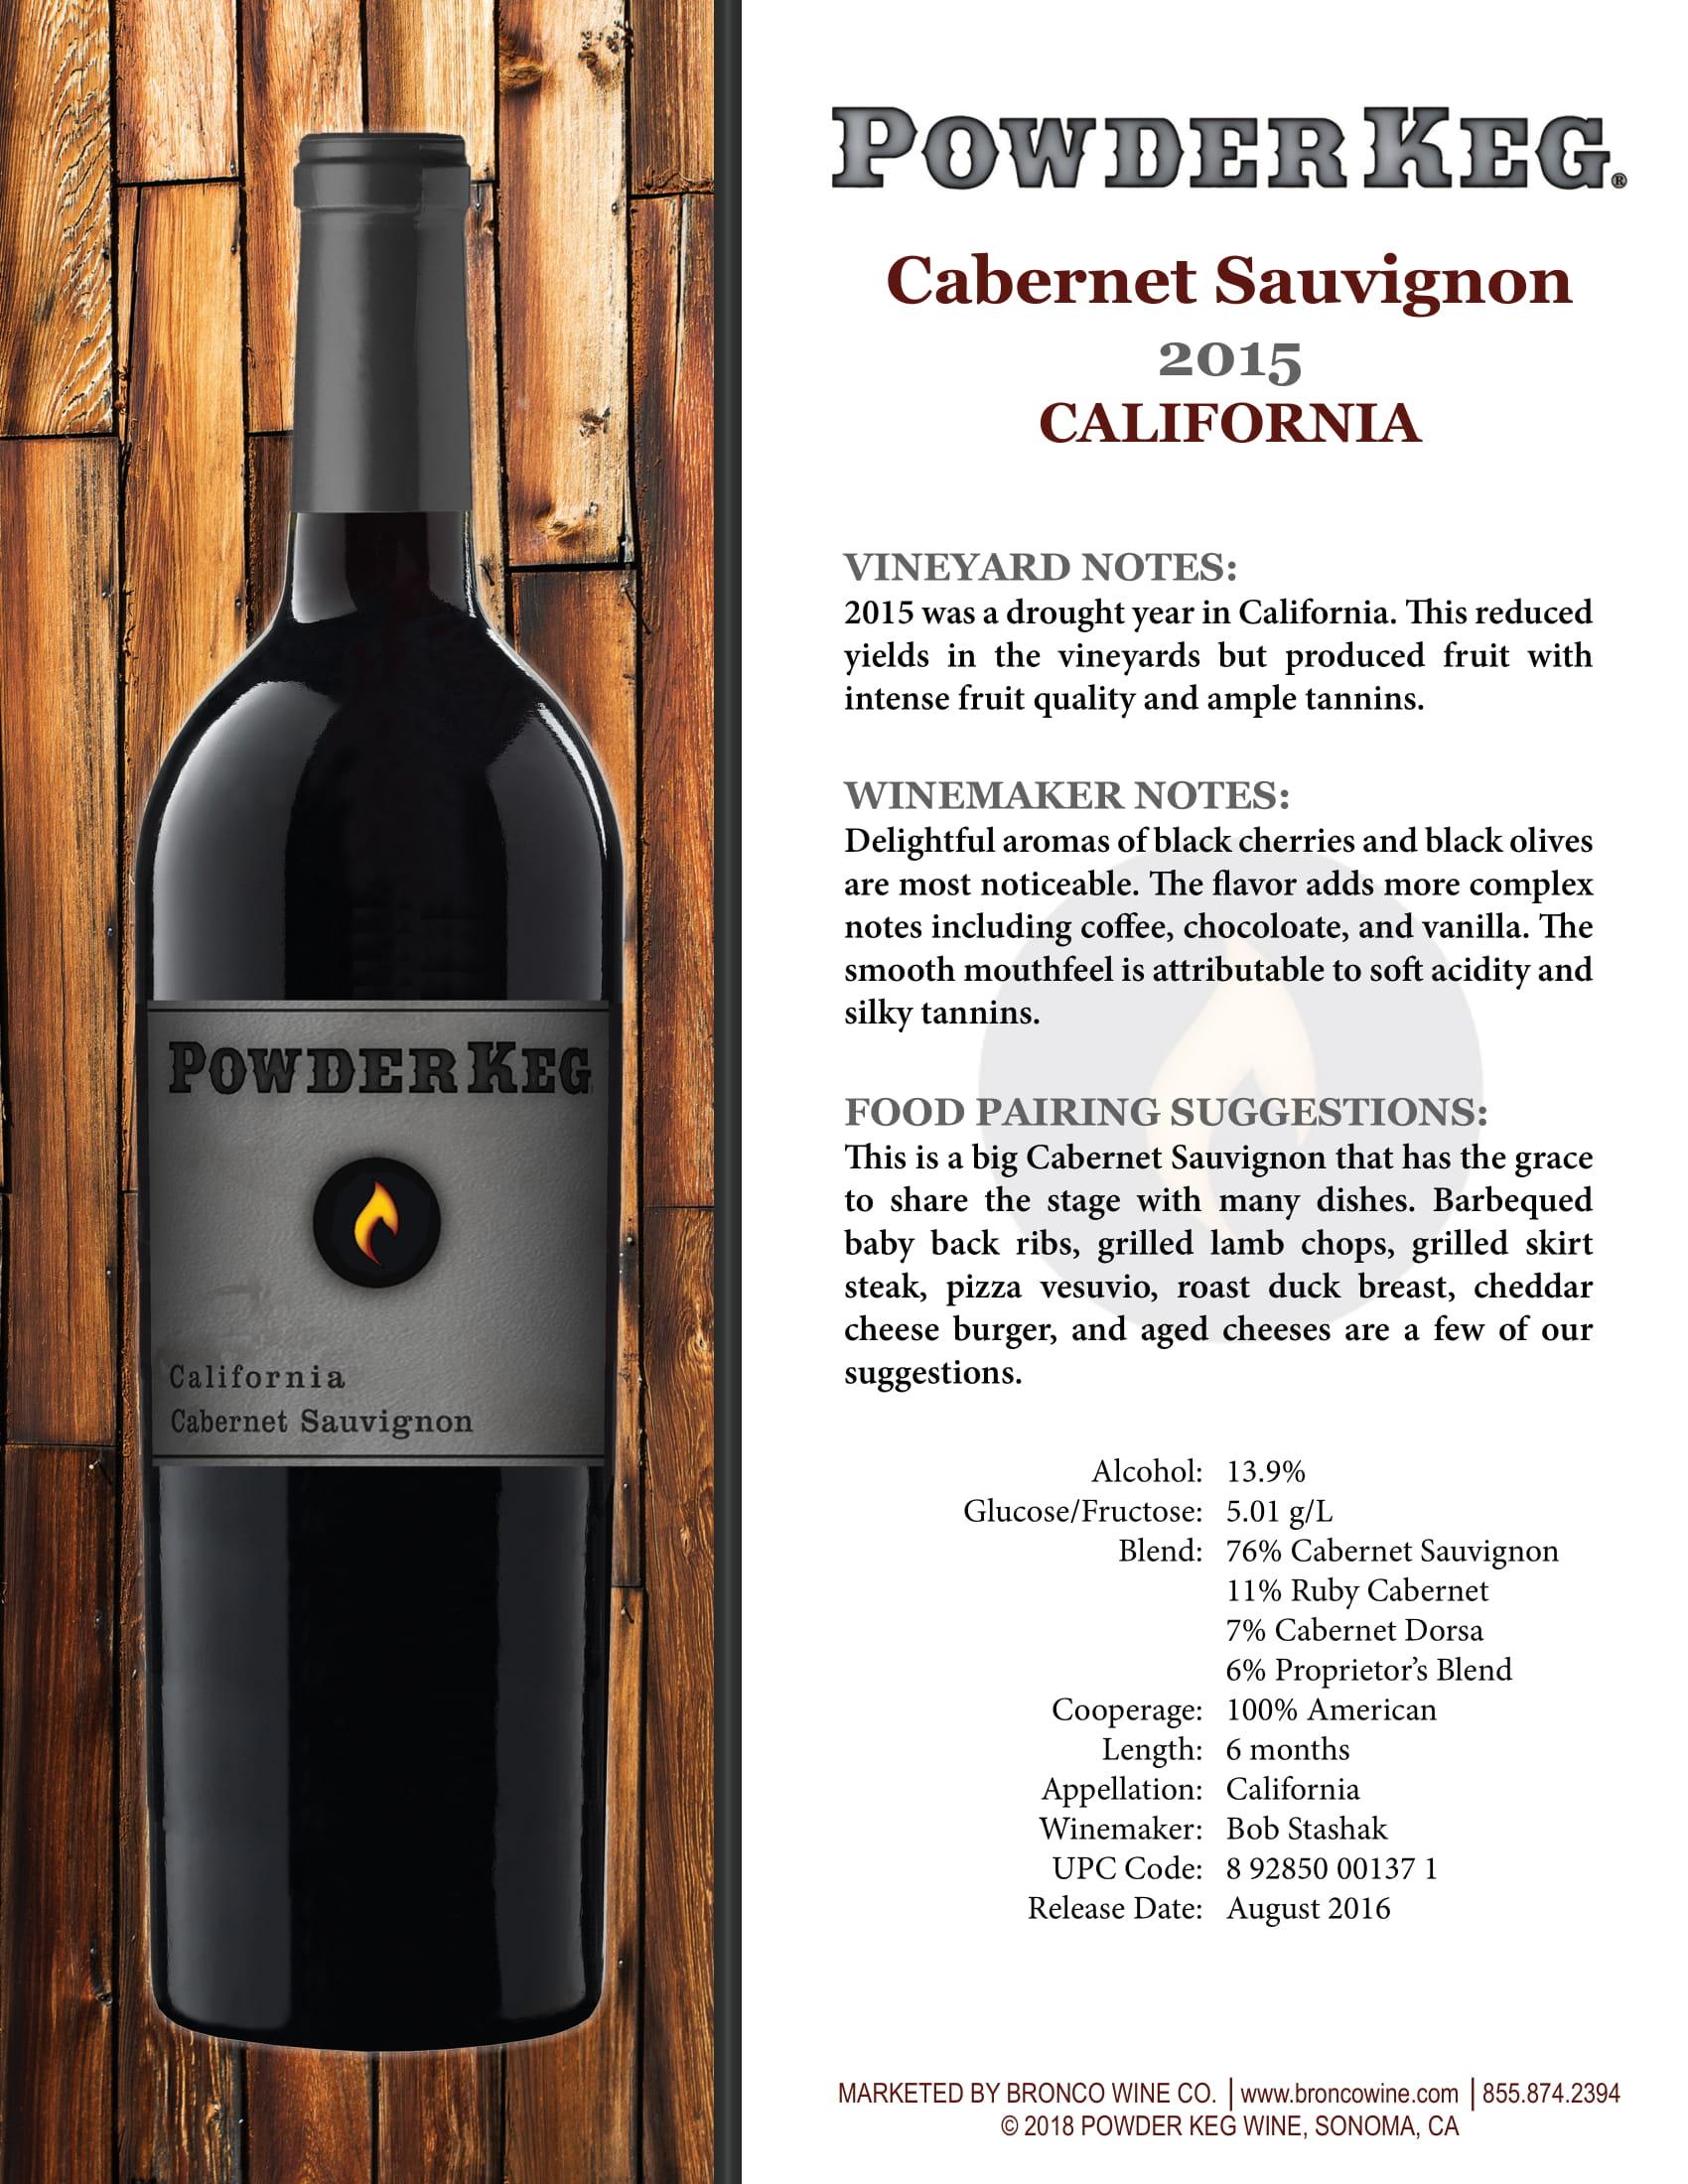 Powder Keg Cabernet Sauvignon Tech Sheet